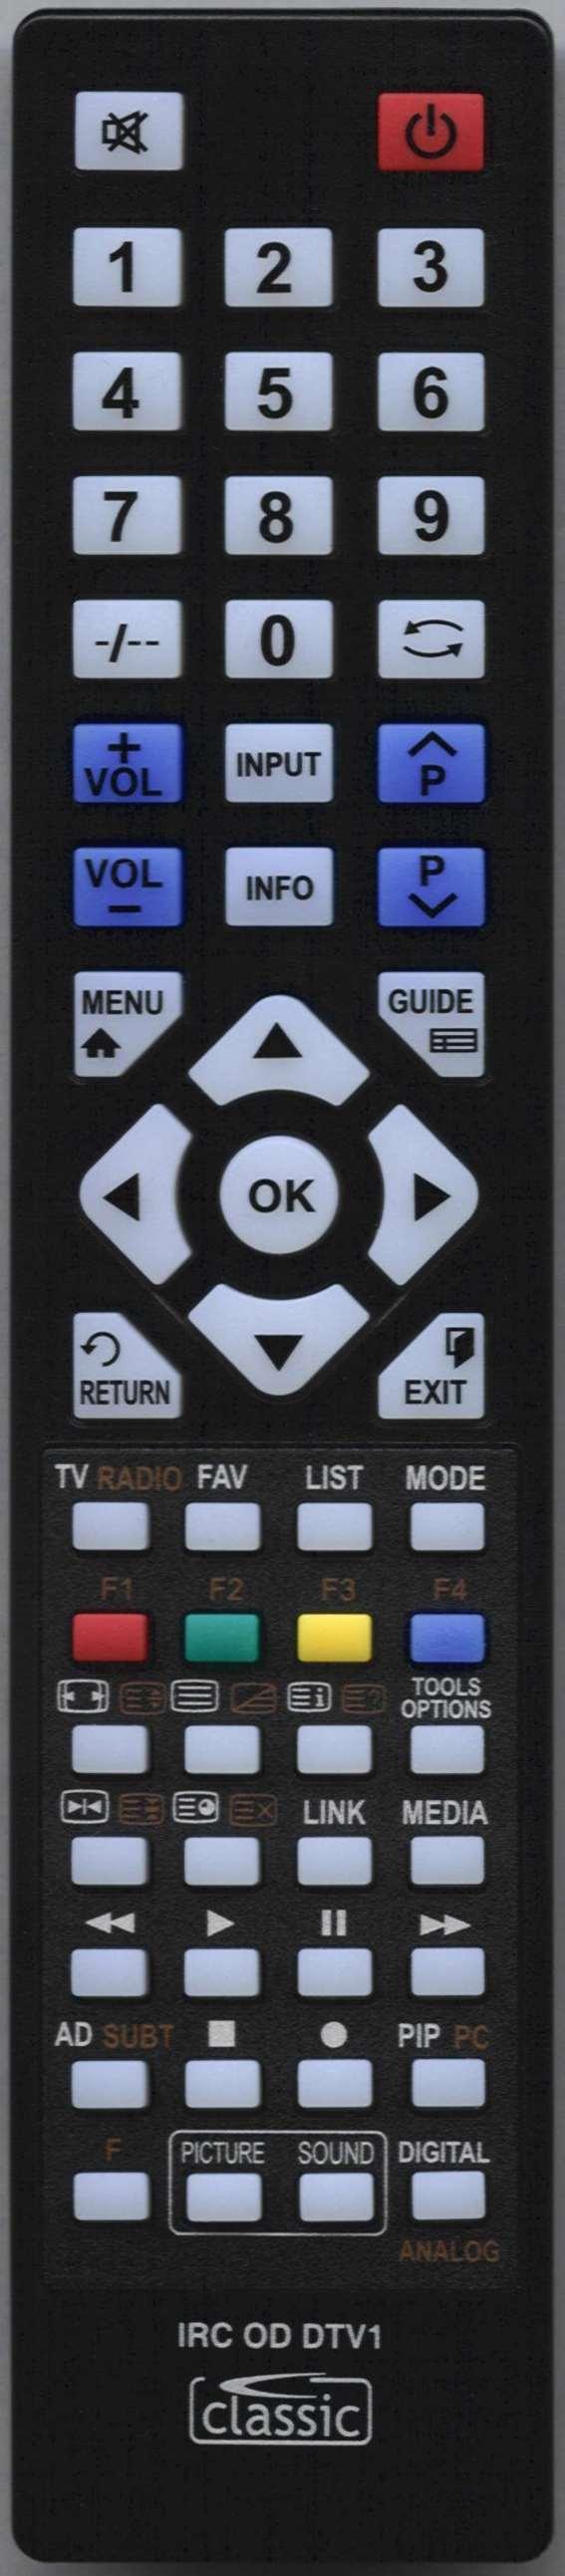 VIDEOCON V2422LEFD Remote Control